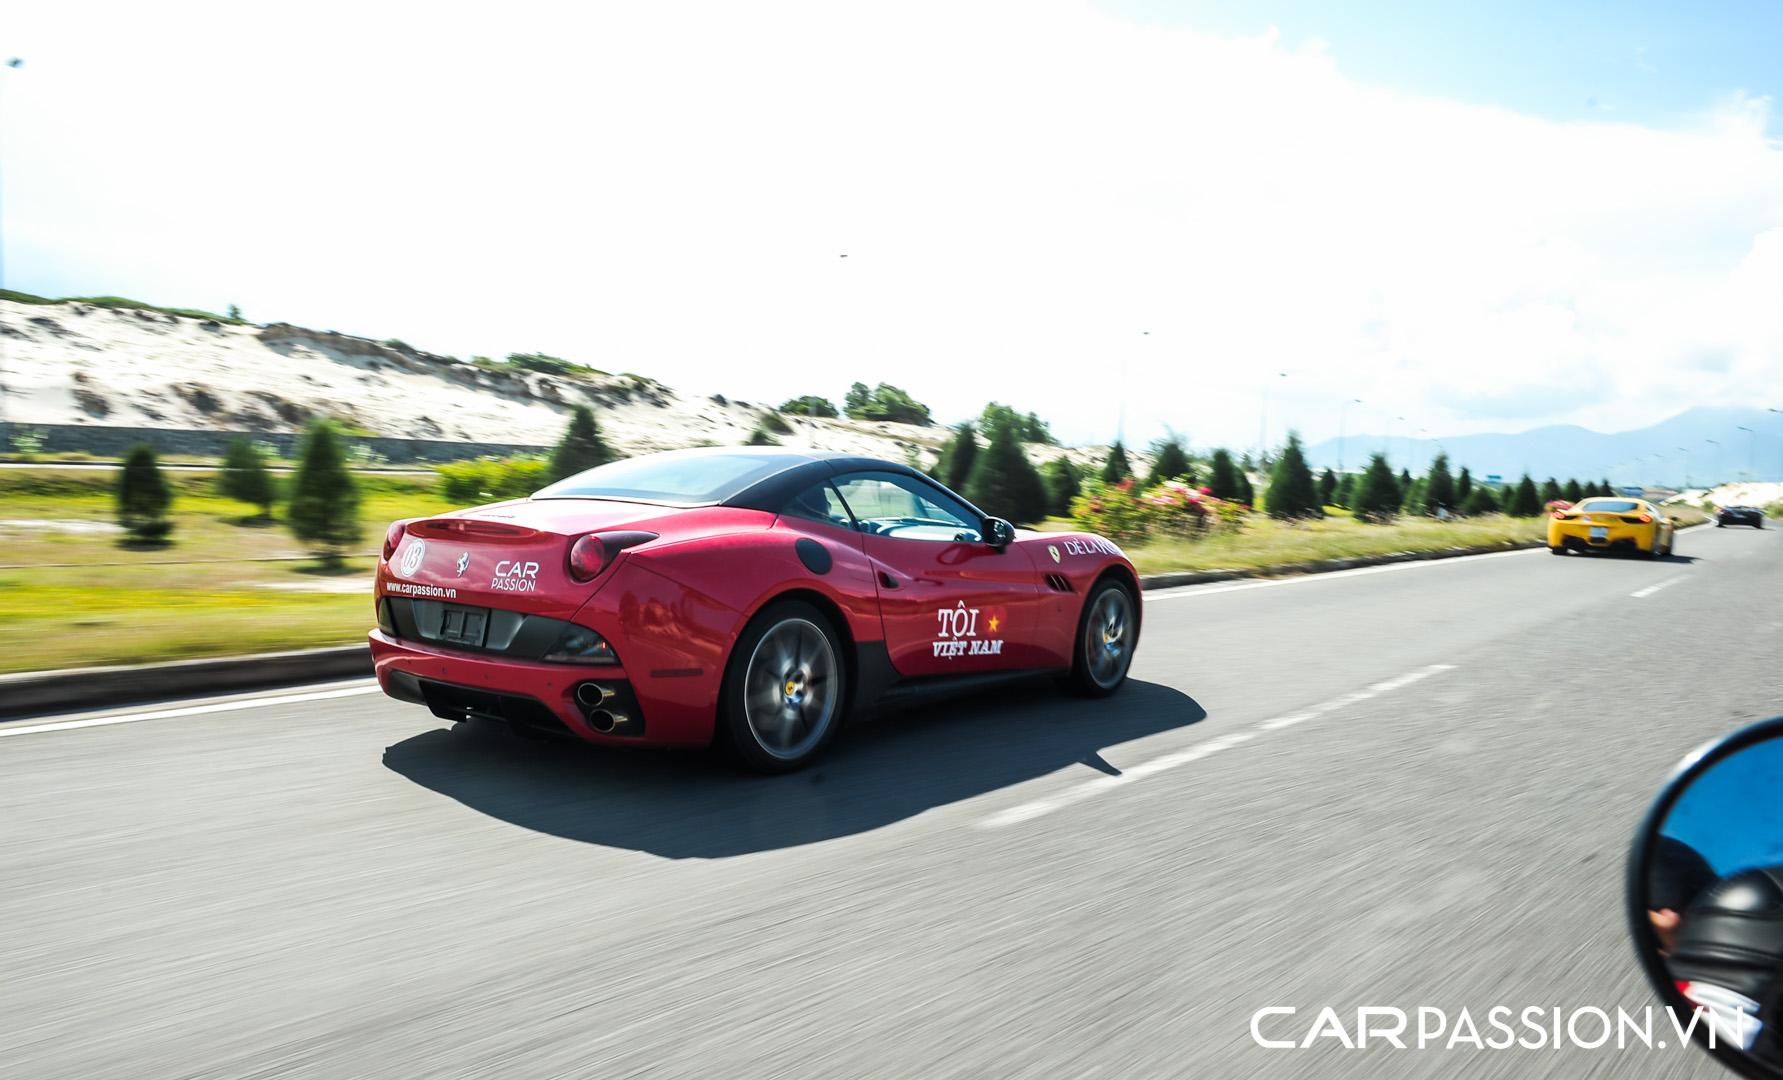 CP-Hành trình siêu xe CarPassion 2011 Day 2 (284).jpg